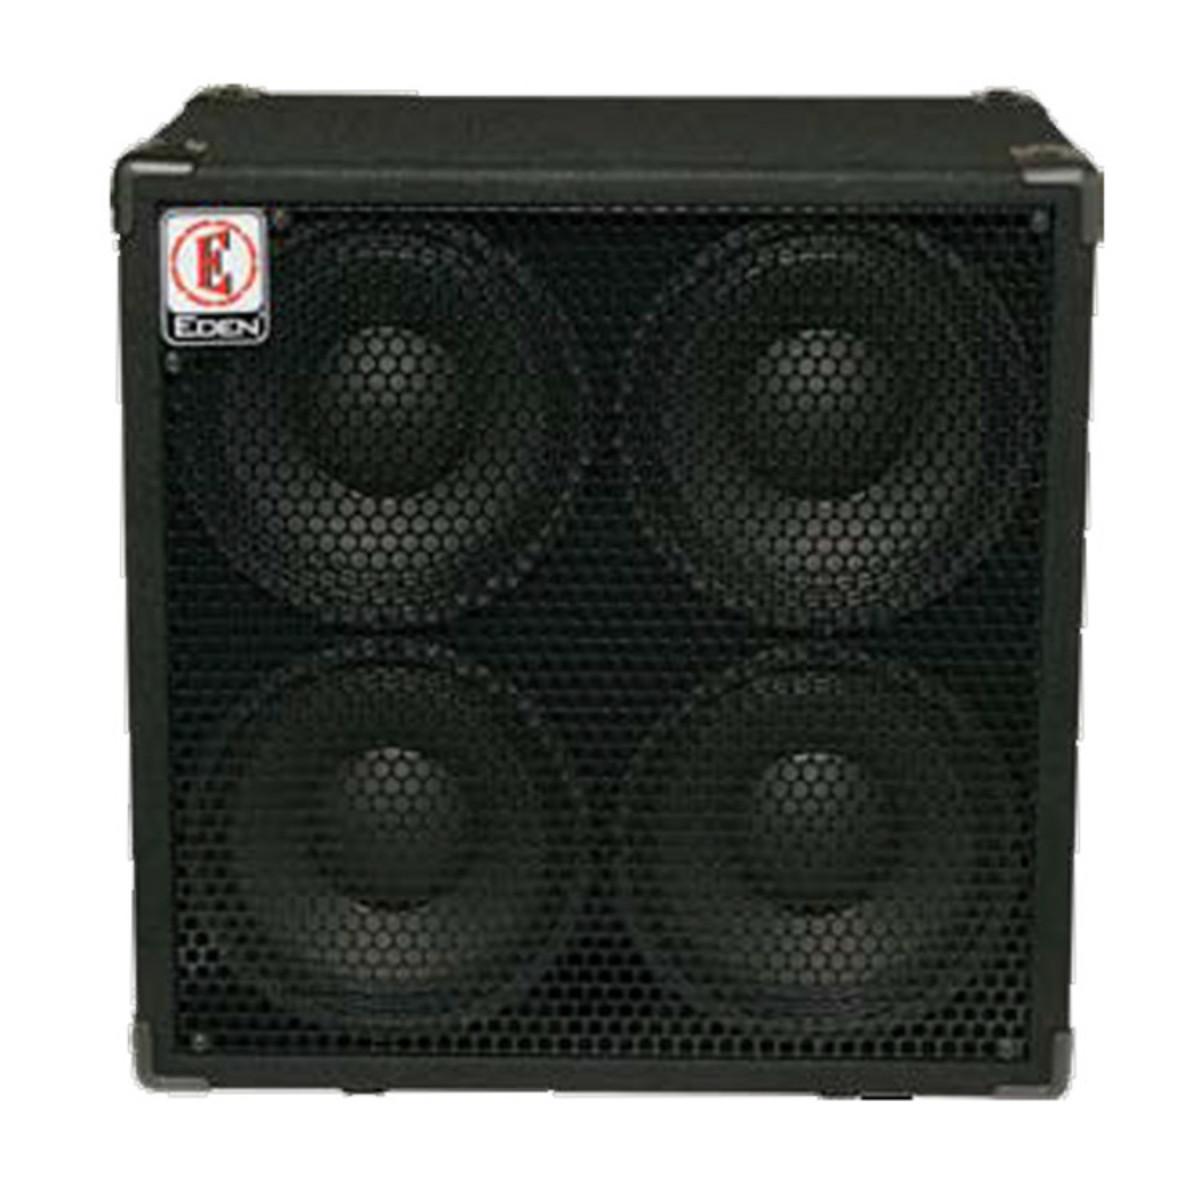 Eden EX410SC 4x10 Bass-Box, 400 Watt, 4 Ohm - Box geöffnet bei ...